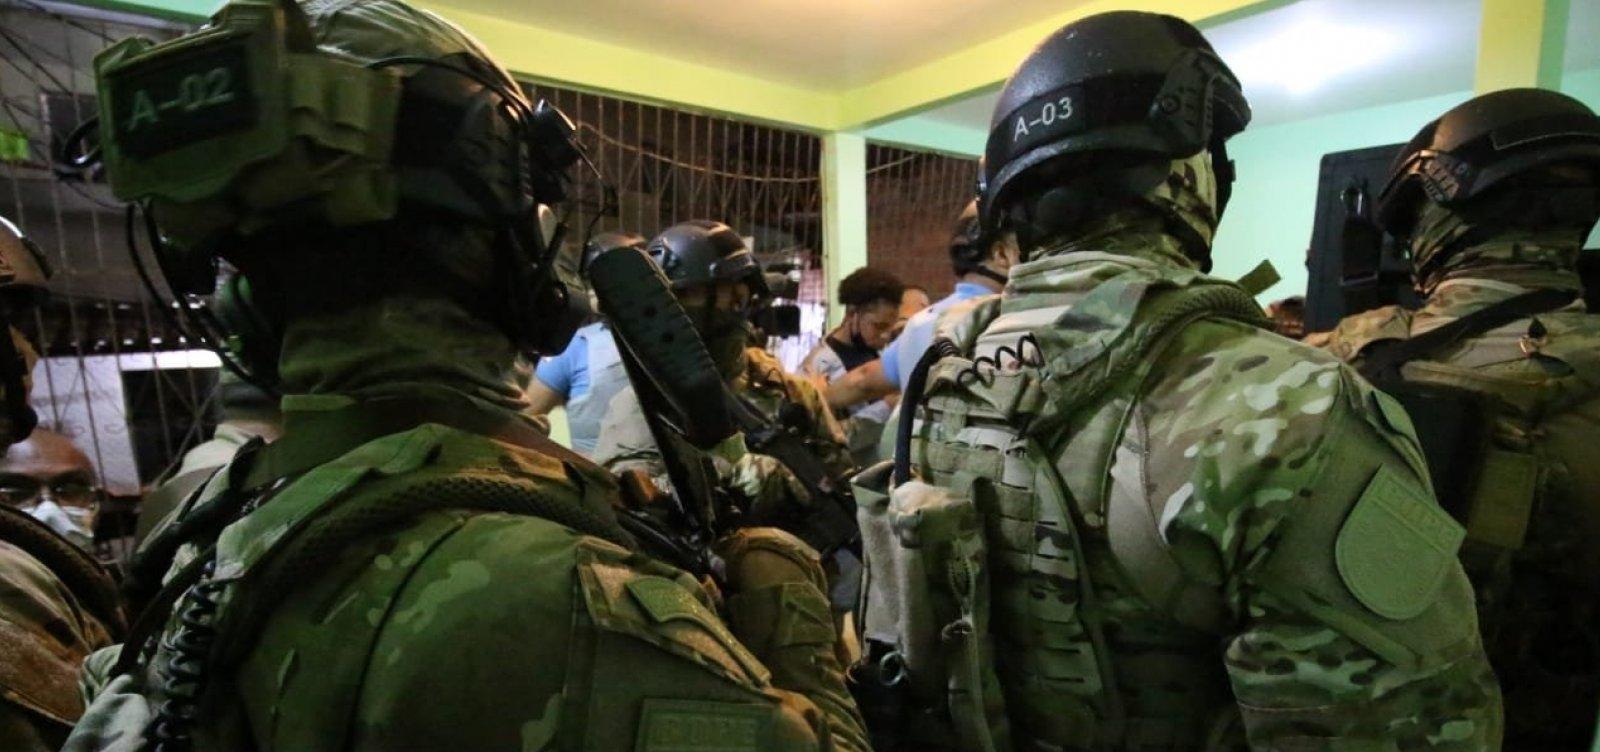 Família é libertada pela polícia após ser feita de refém no Iapi; três são presos